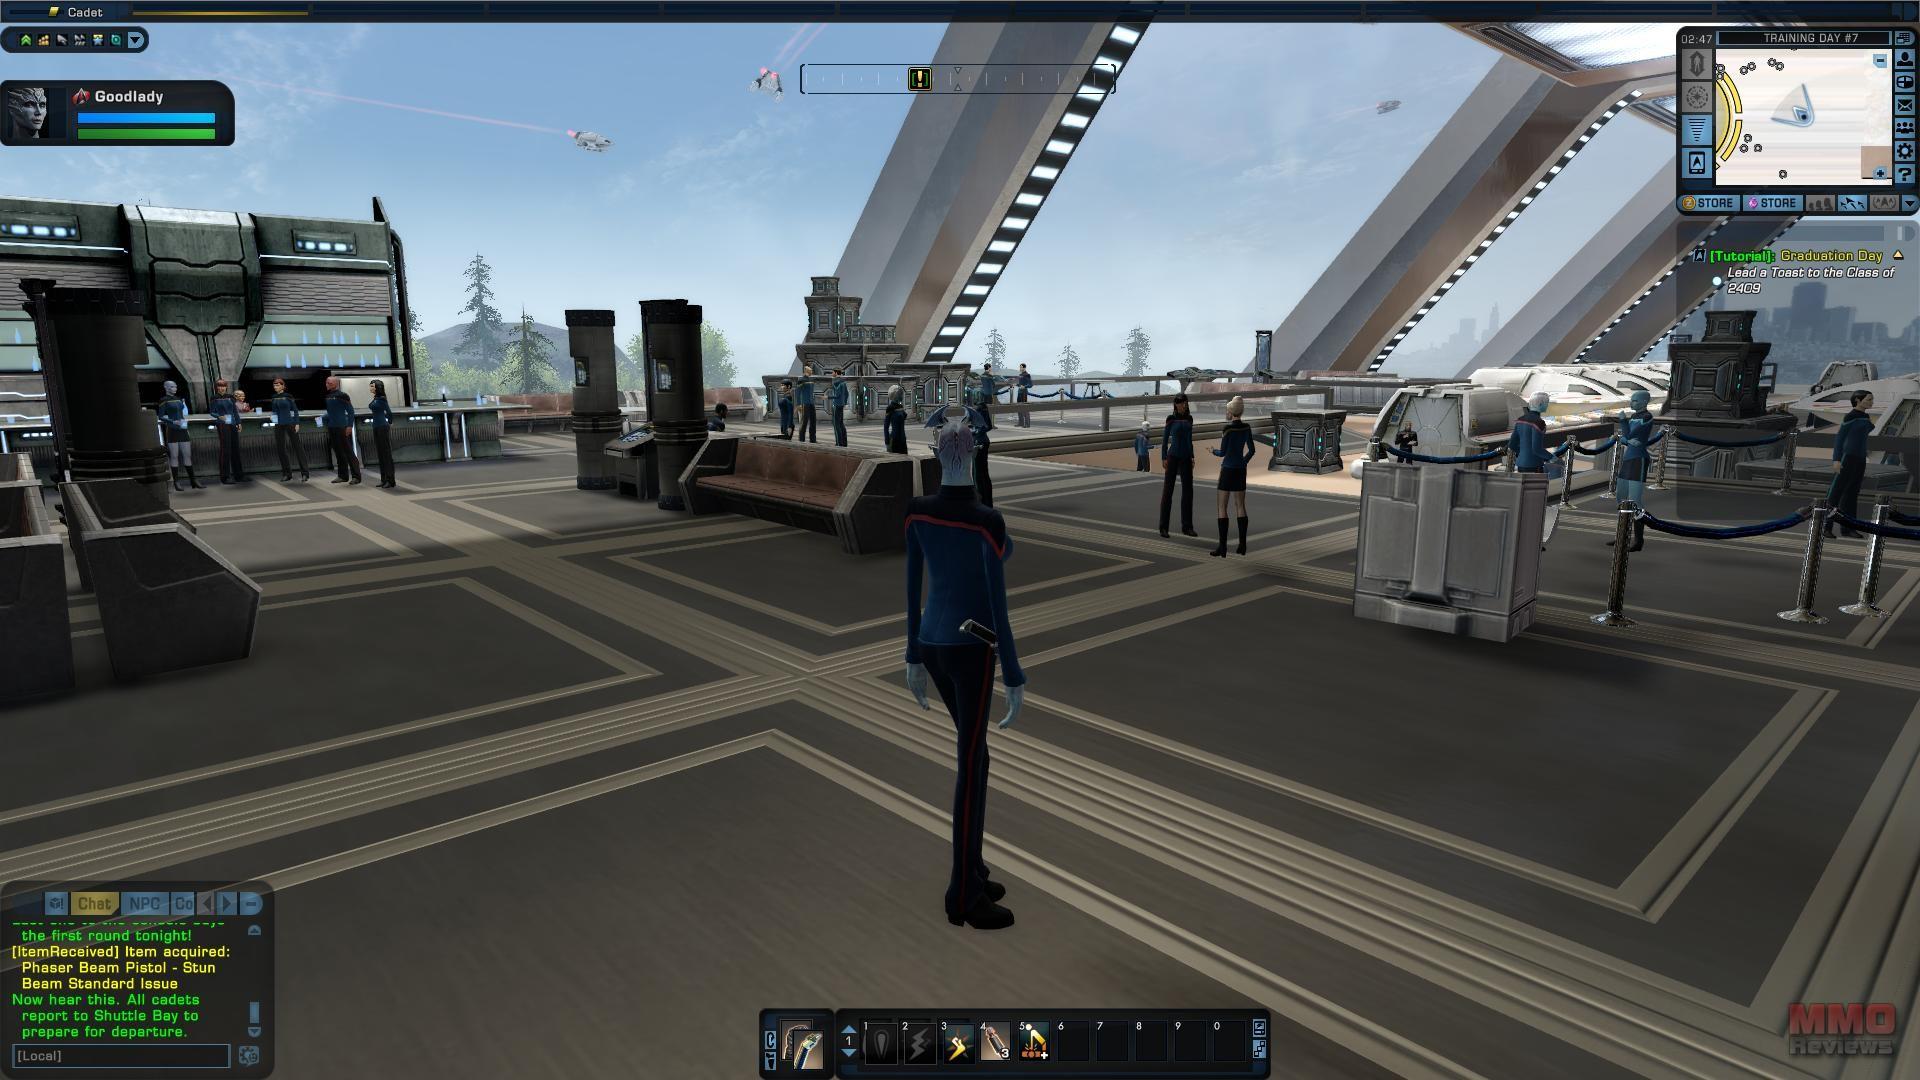 Imagenes de Star Trek Online